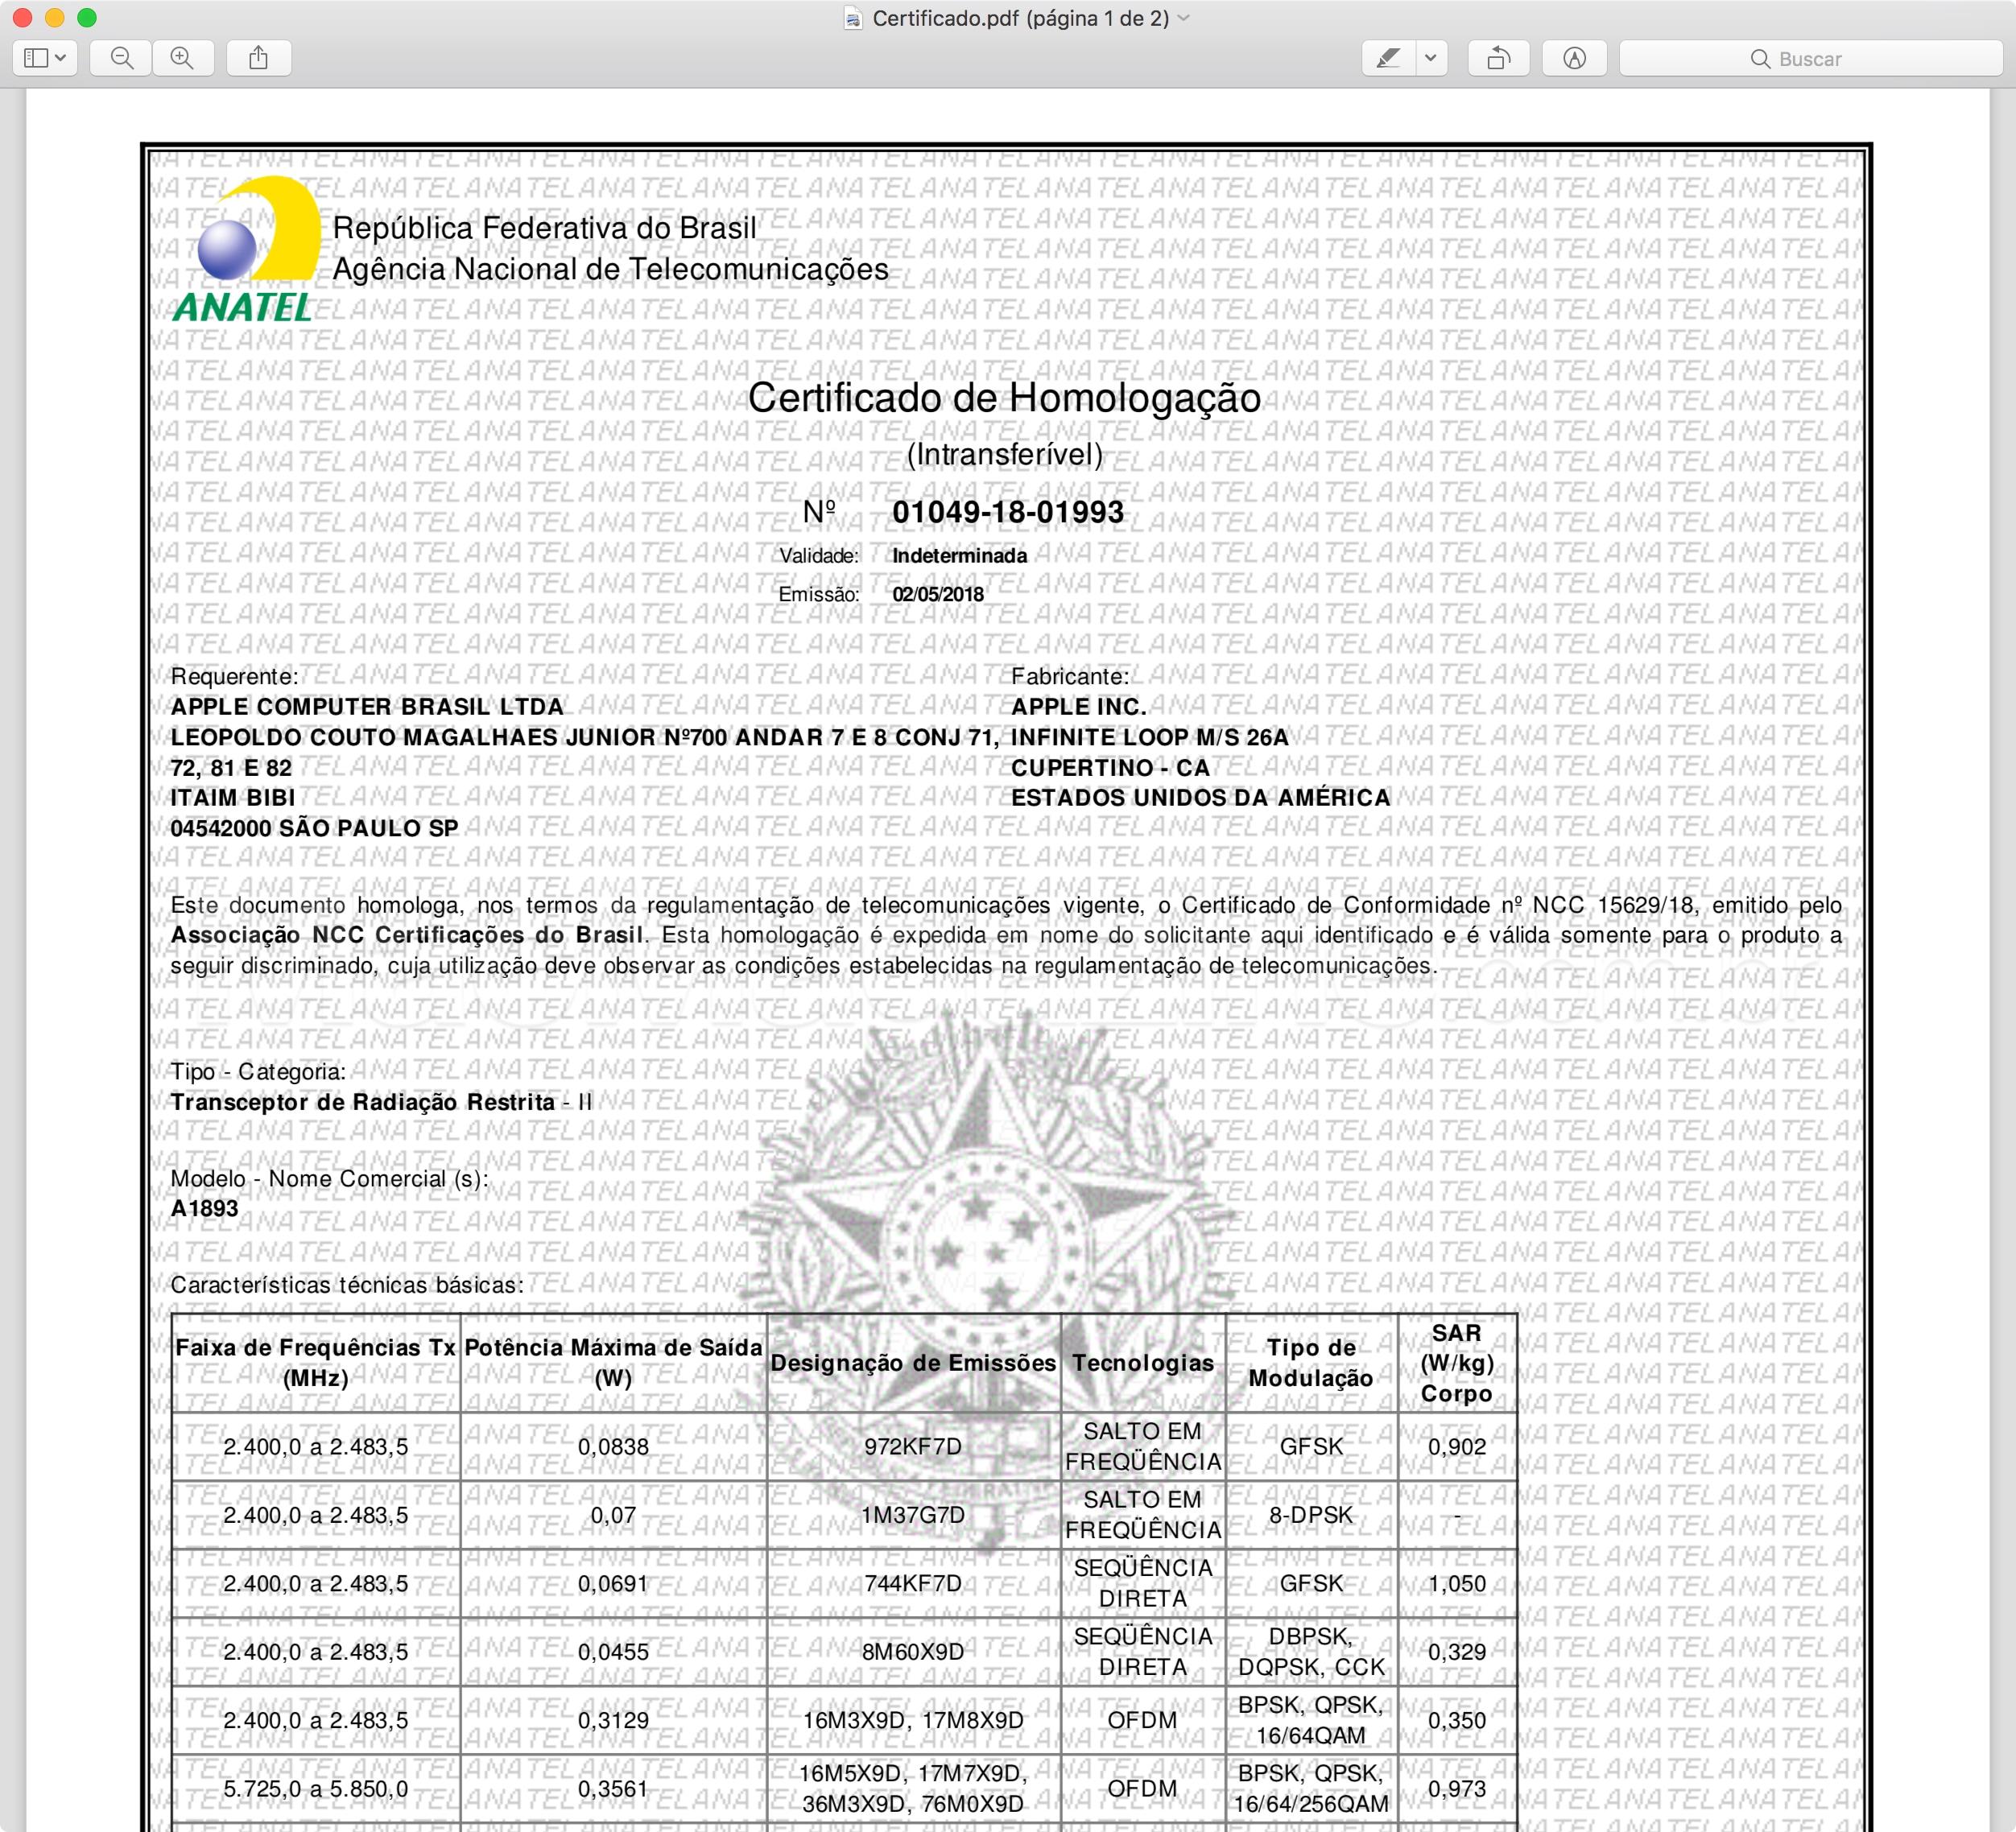 Certificado de homologação do iPad de sexta geração (Wi-Fi)